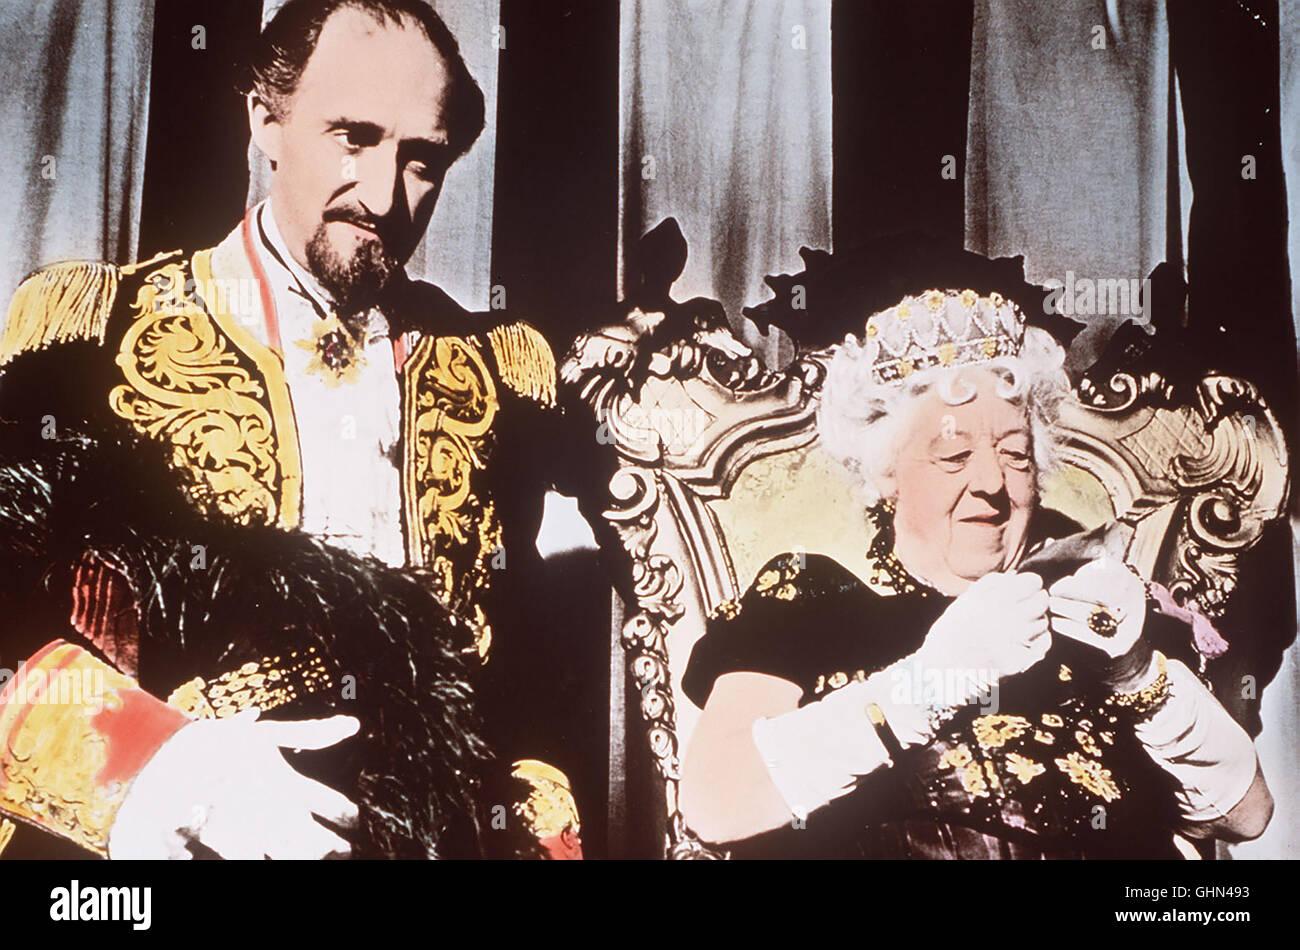 Gloriana XIII aus Groß-Fenwick (MARGARET RUTHERFORD) und ihr Premierminister Mountjoy (RON MOODY) haben sich in Stock Photo